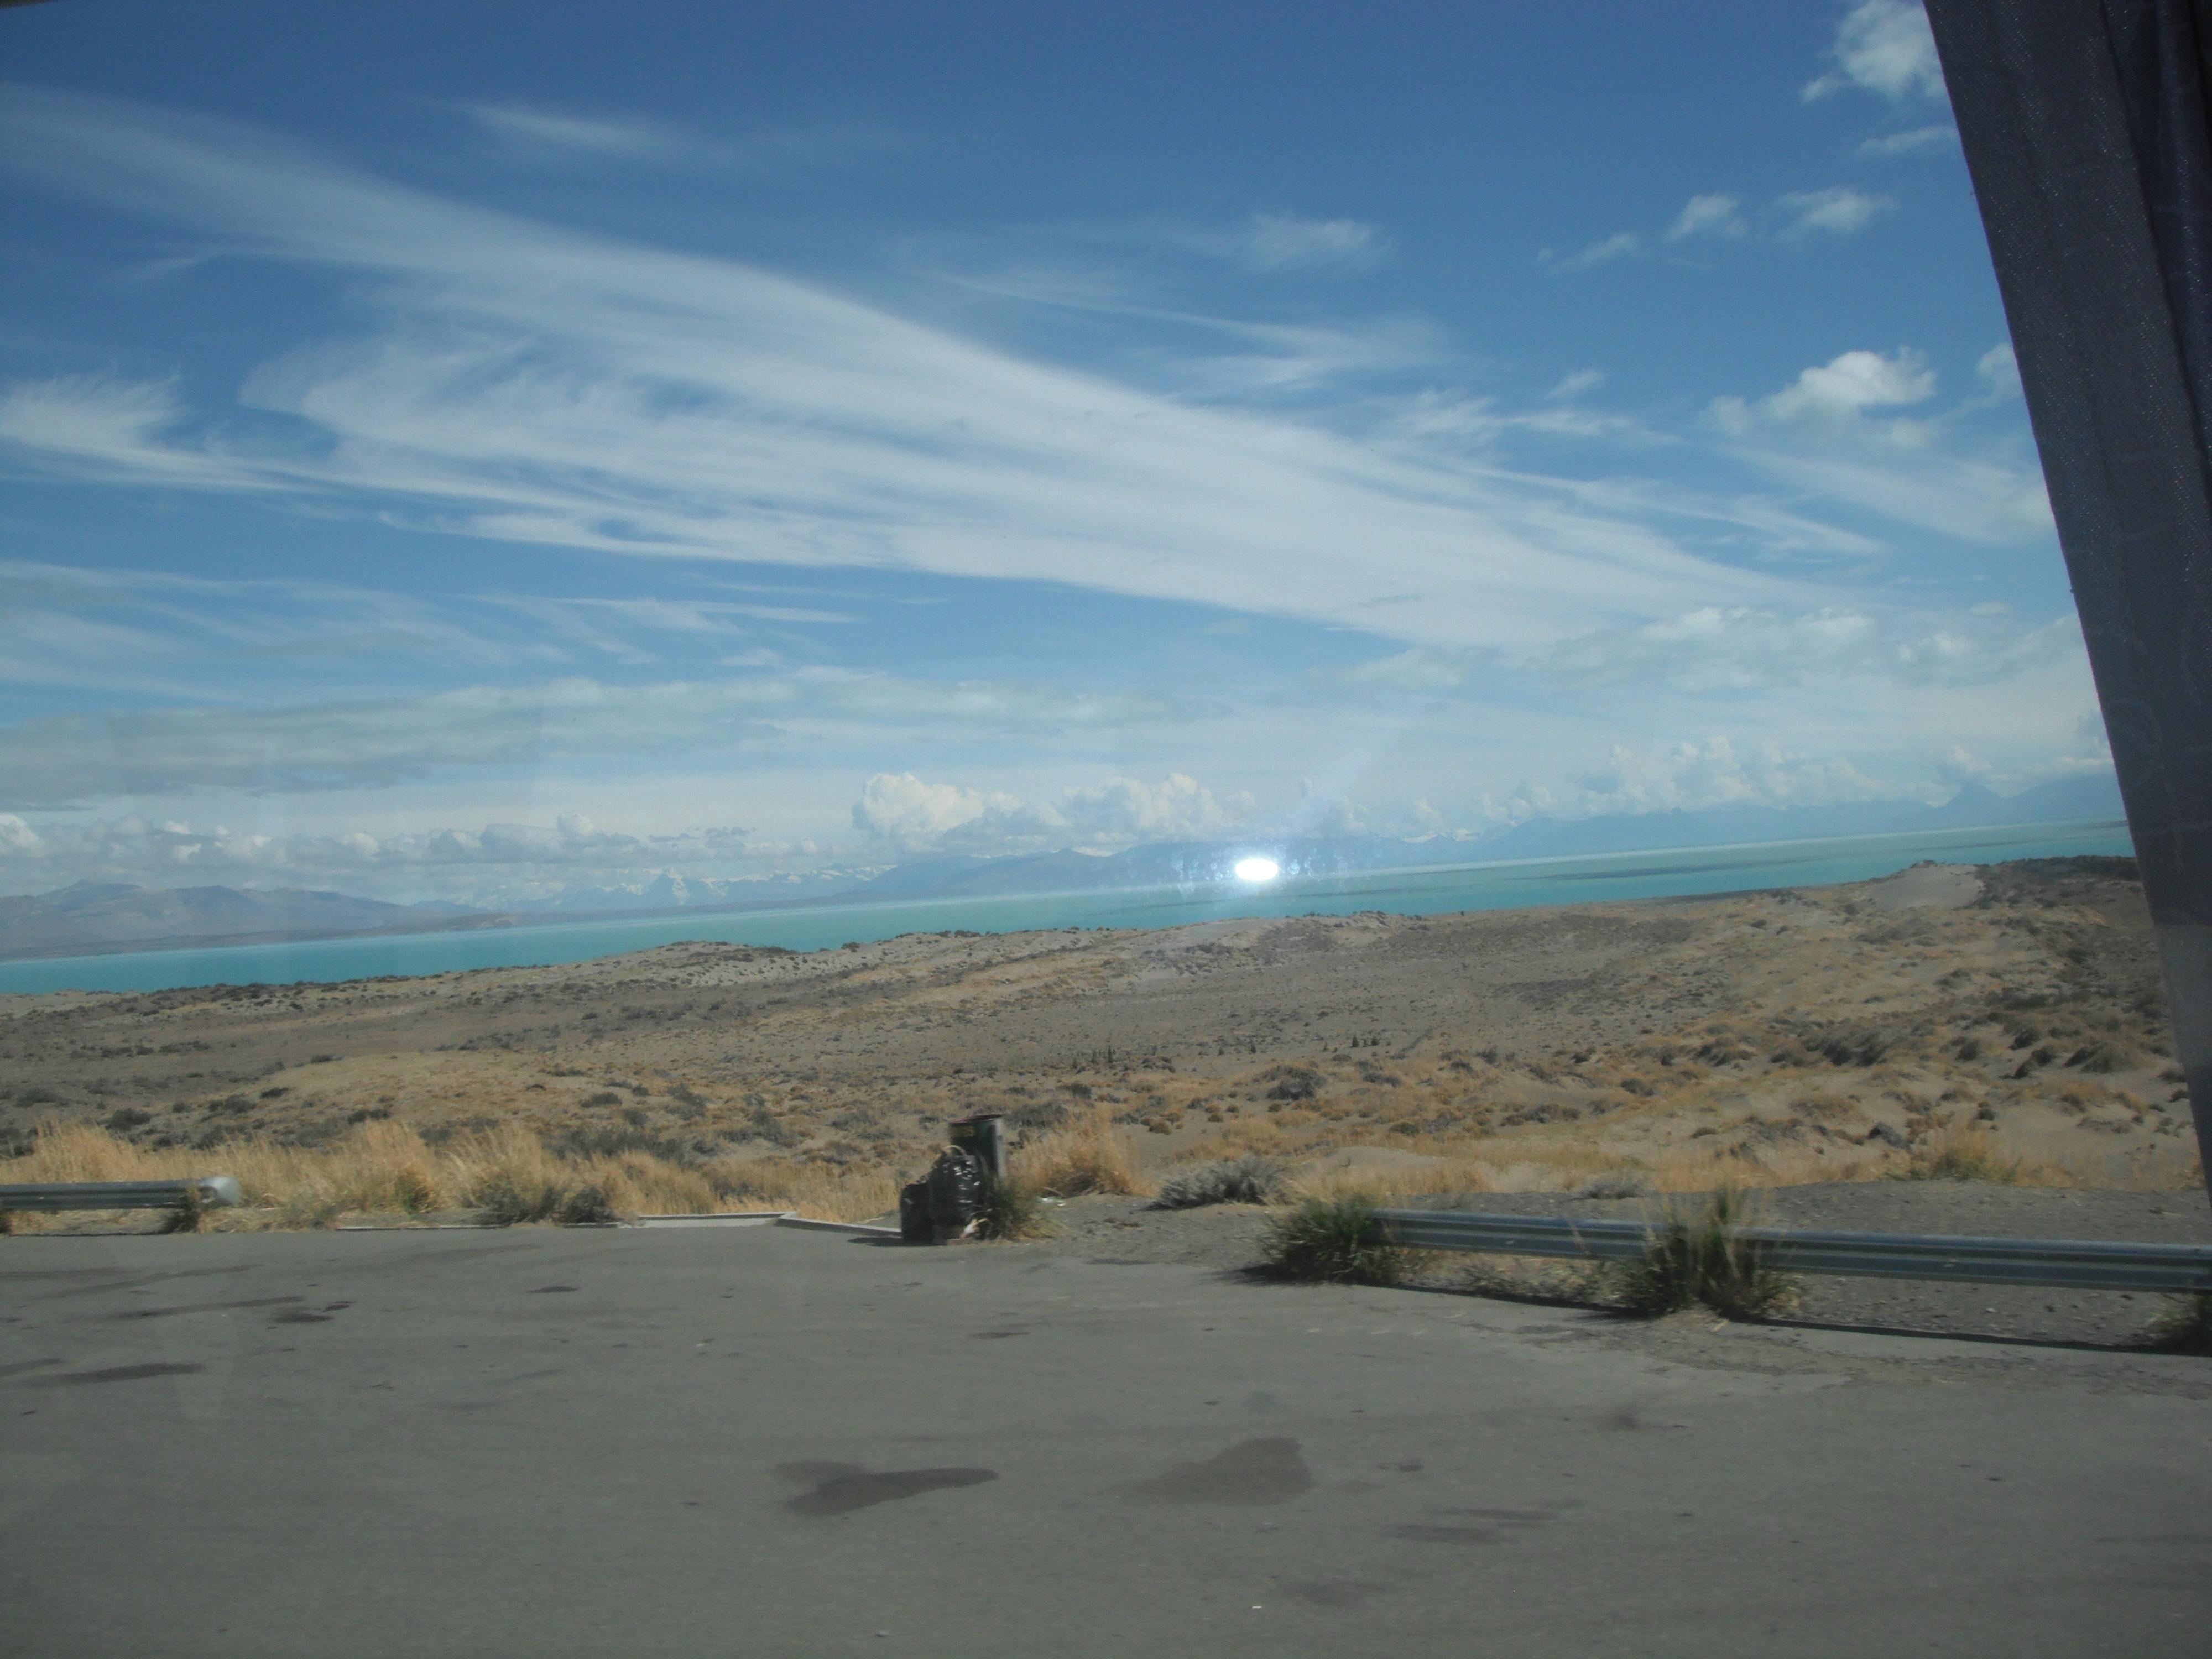 Аргентина, Патагония.Озеро Вьедма28.02.2012